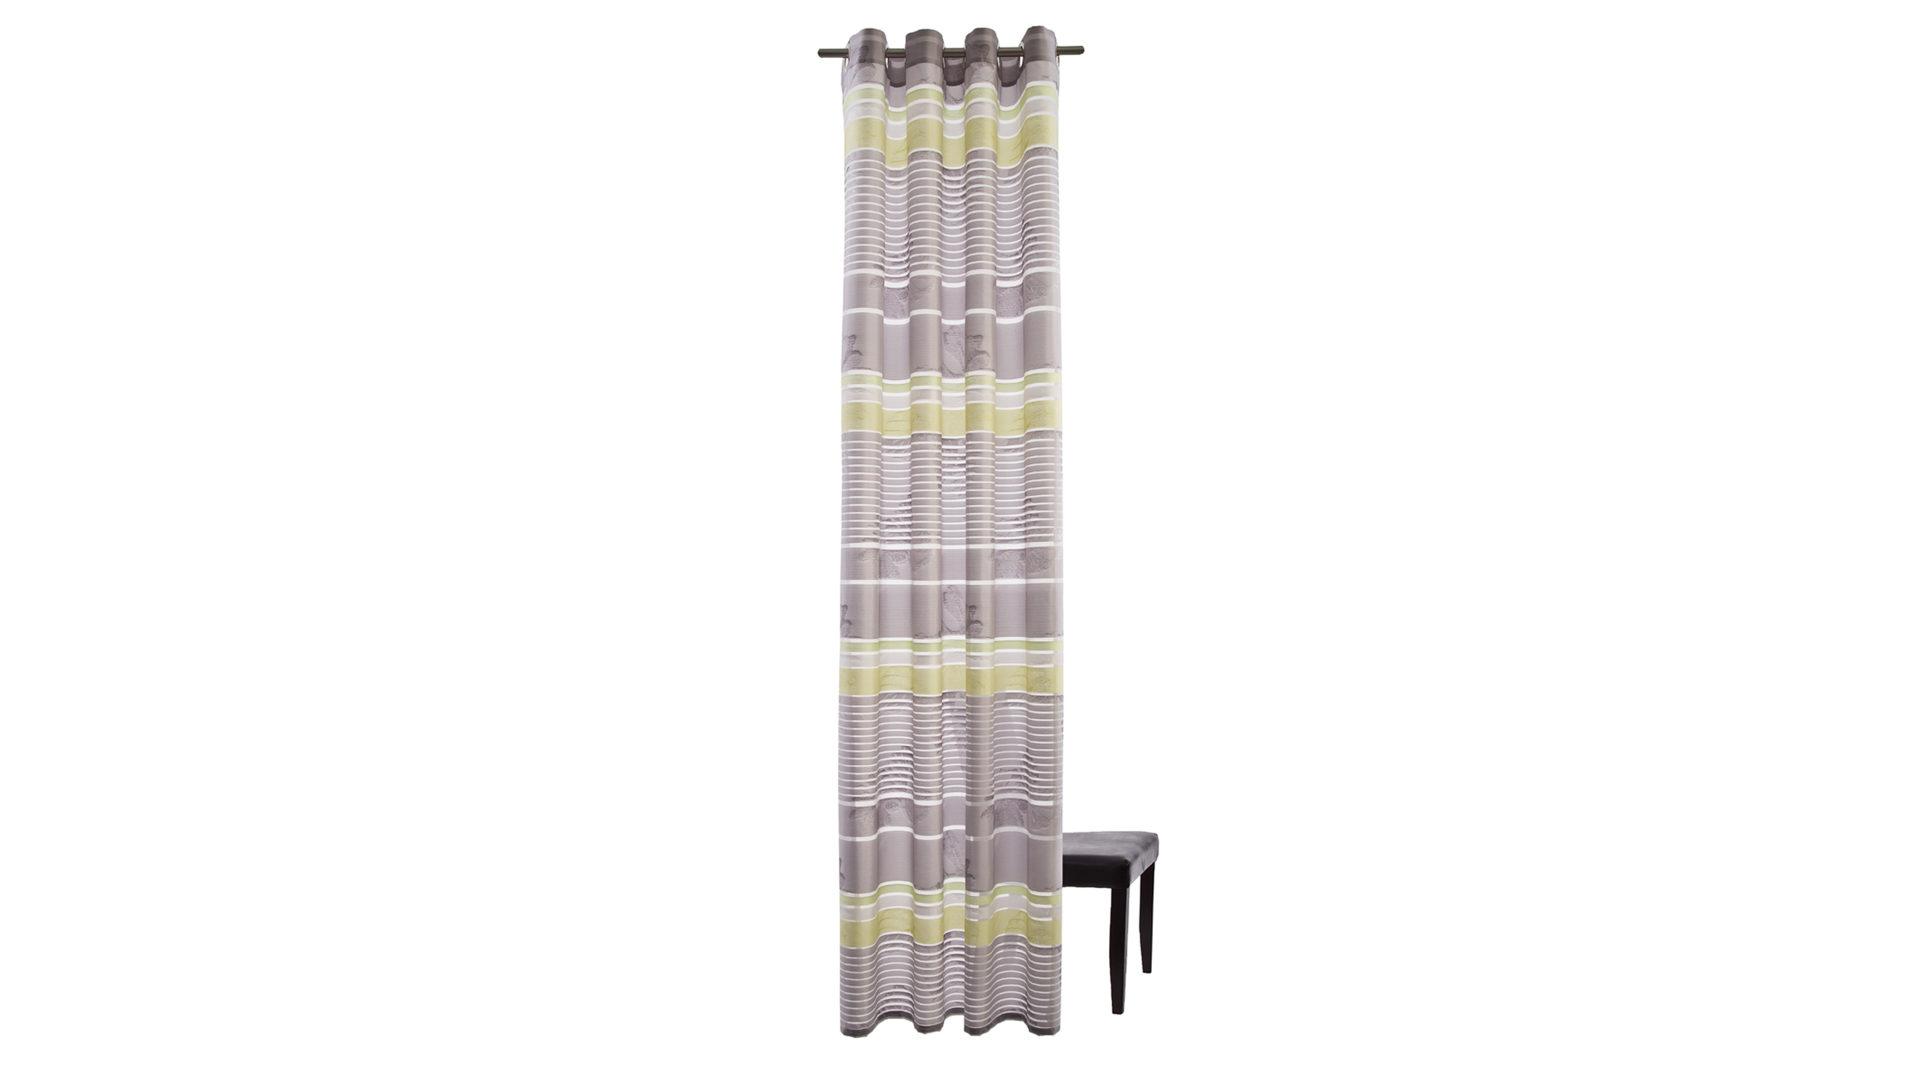 Gardinen + Vorhänge, FLEXA, HOMING, Vorhang Set, Ösenschal